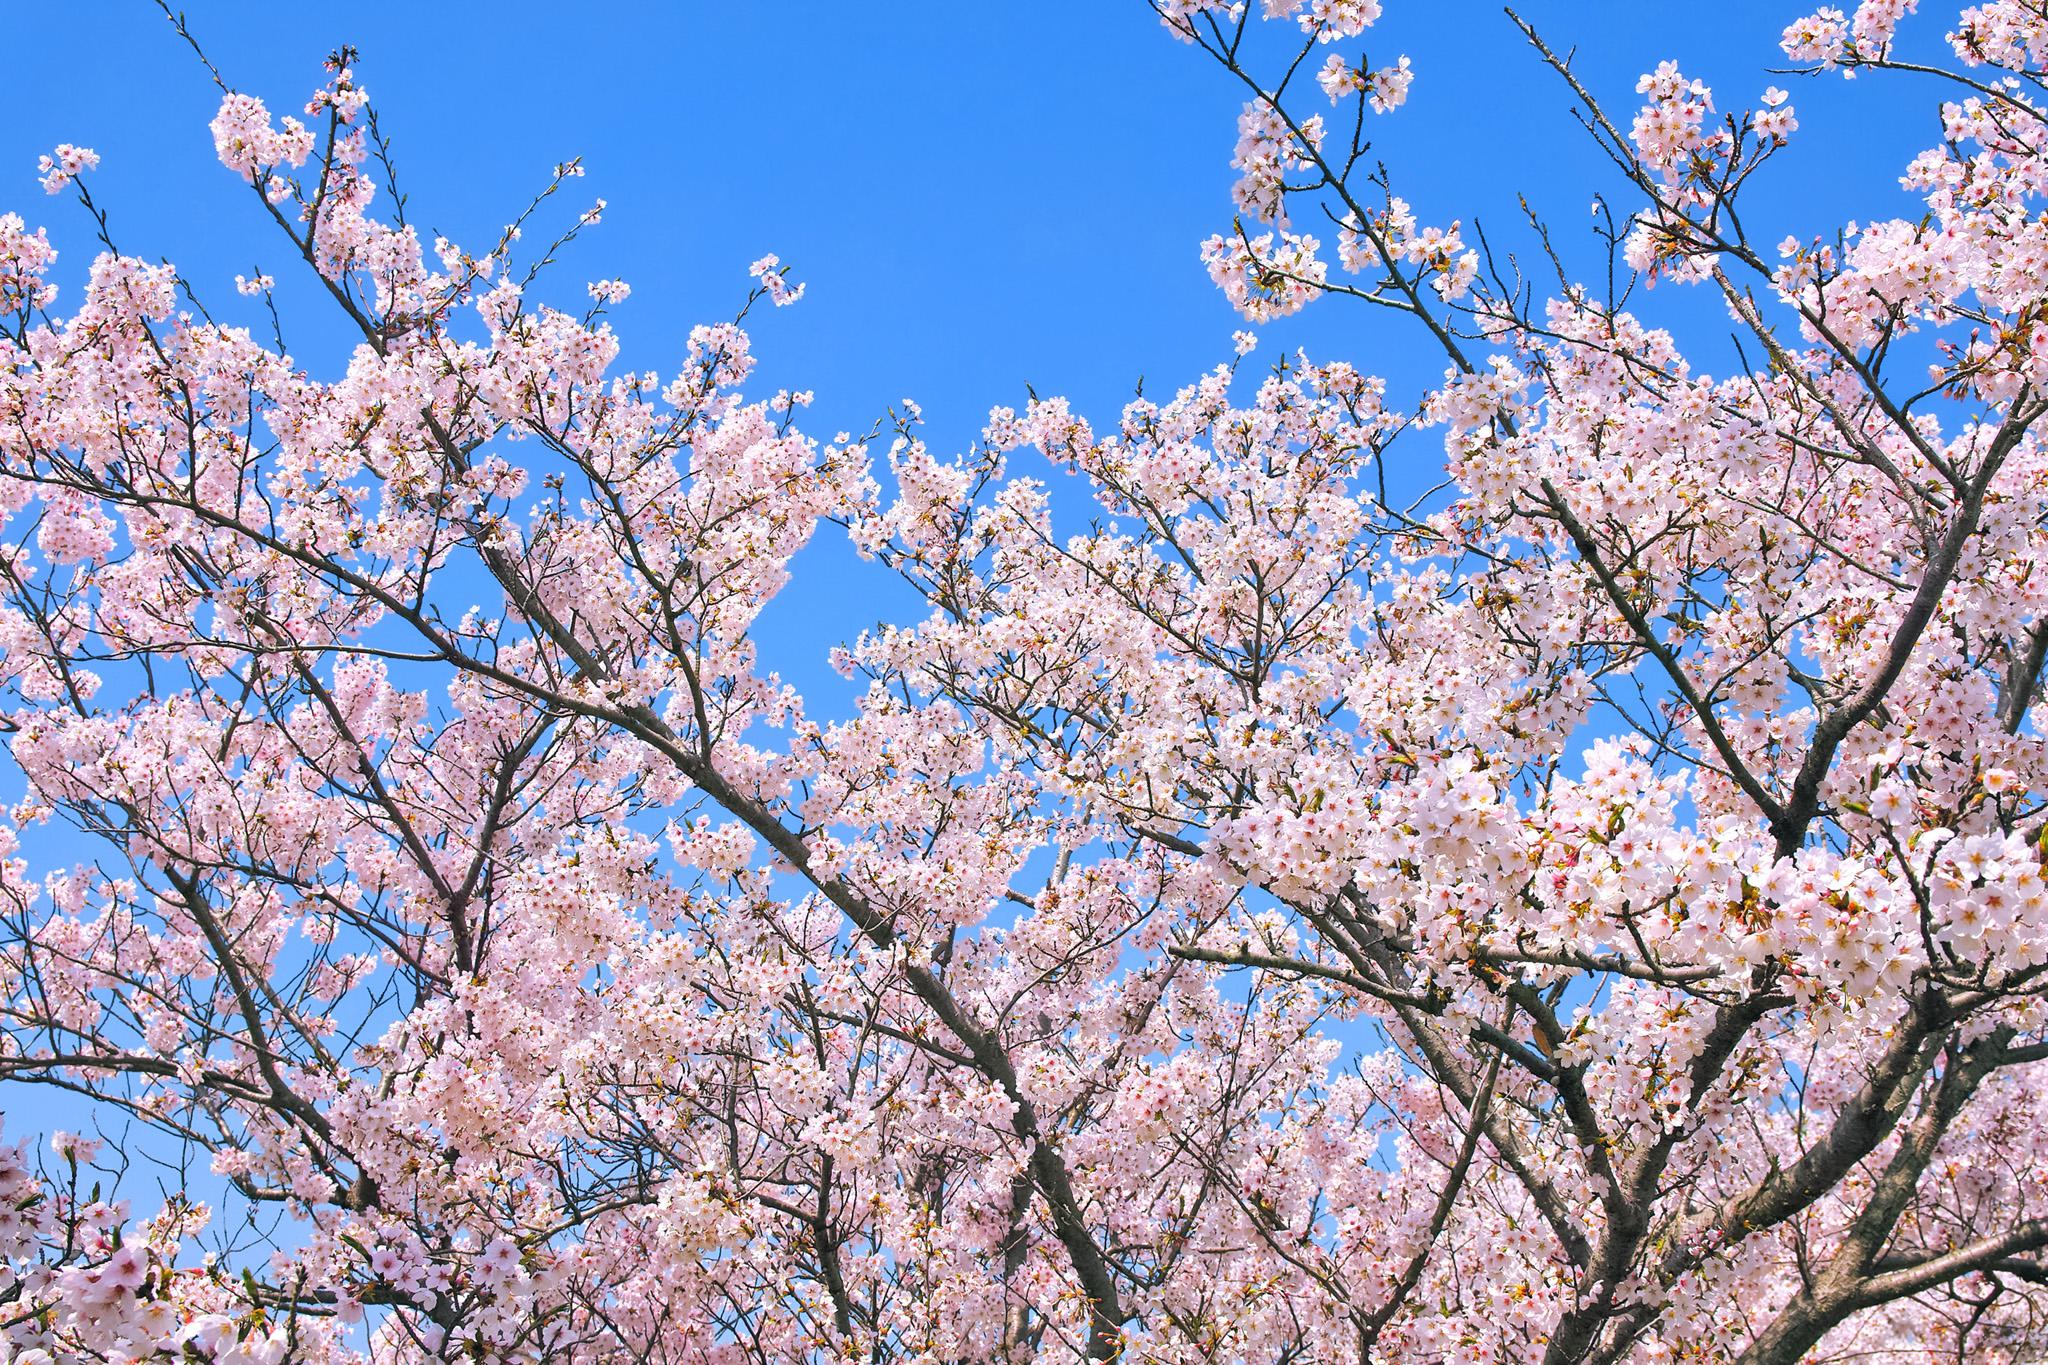 「綺麗な青空と桜」の画像を無料ダウンロード